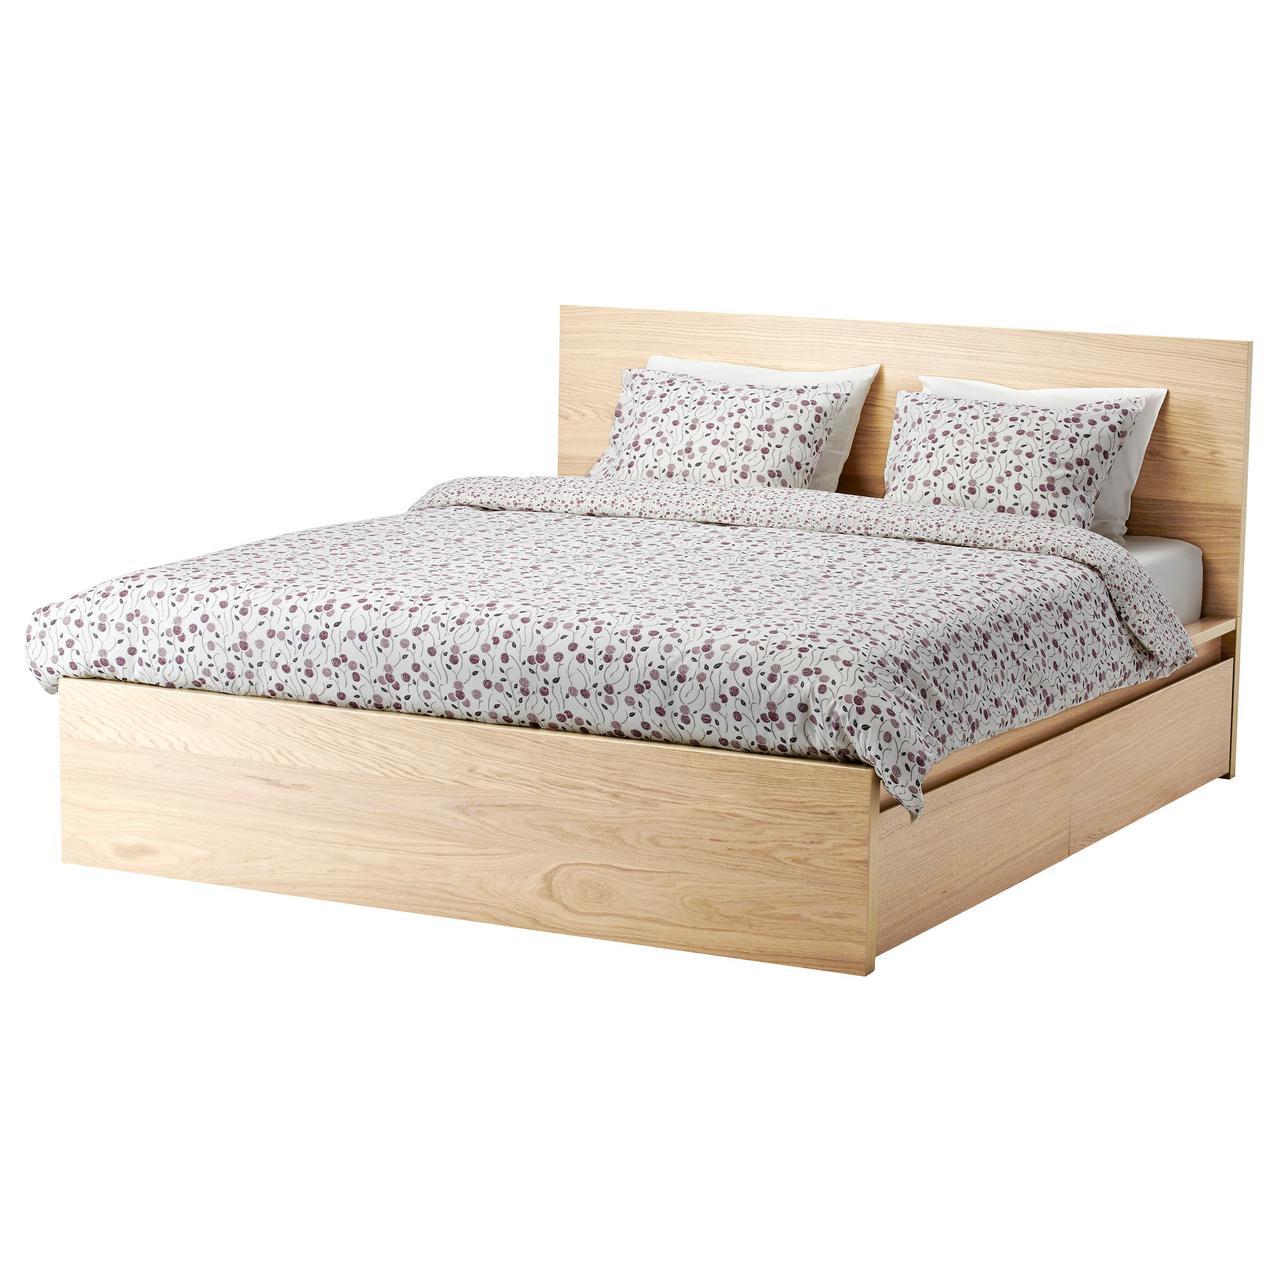 IKEA MALM (291.765.84) Кровать с двумя контейнерами для хранения